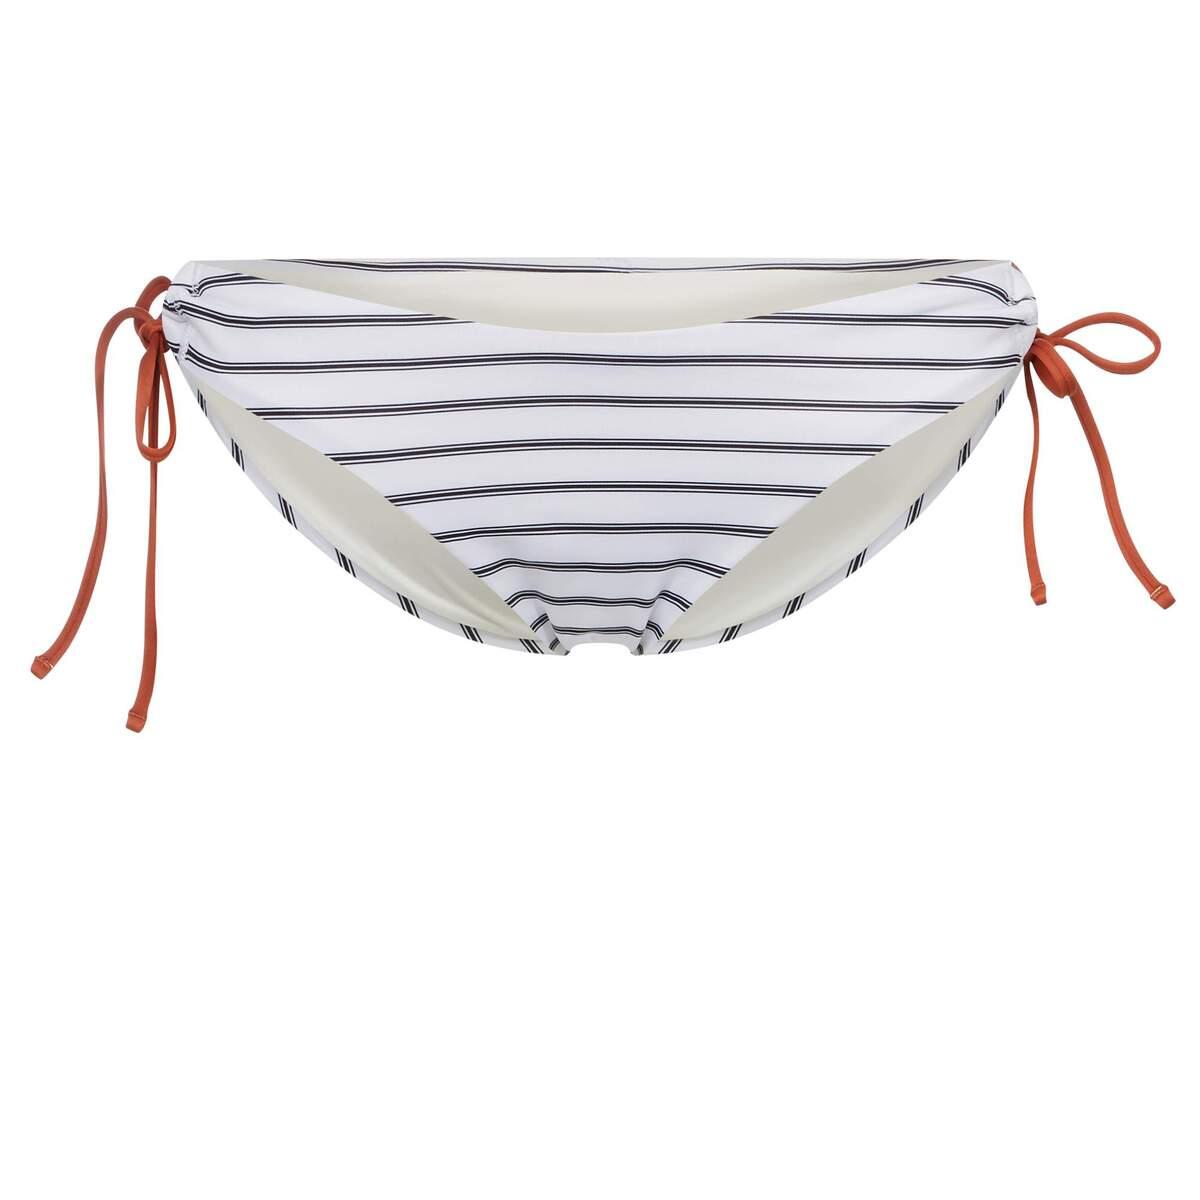 Bild 1 von Patagonia W' S SIDE TIE BOTTOMS Frauen - Bikini